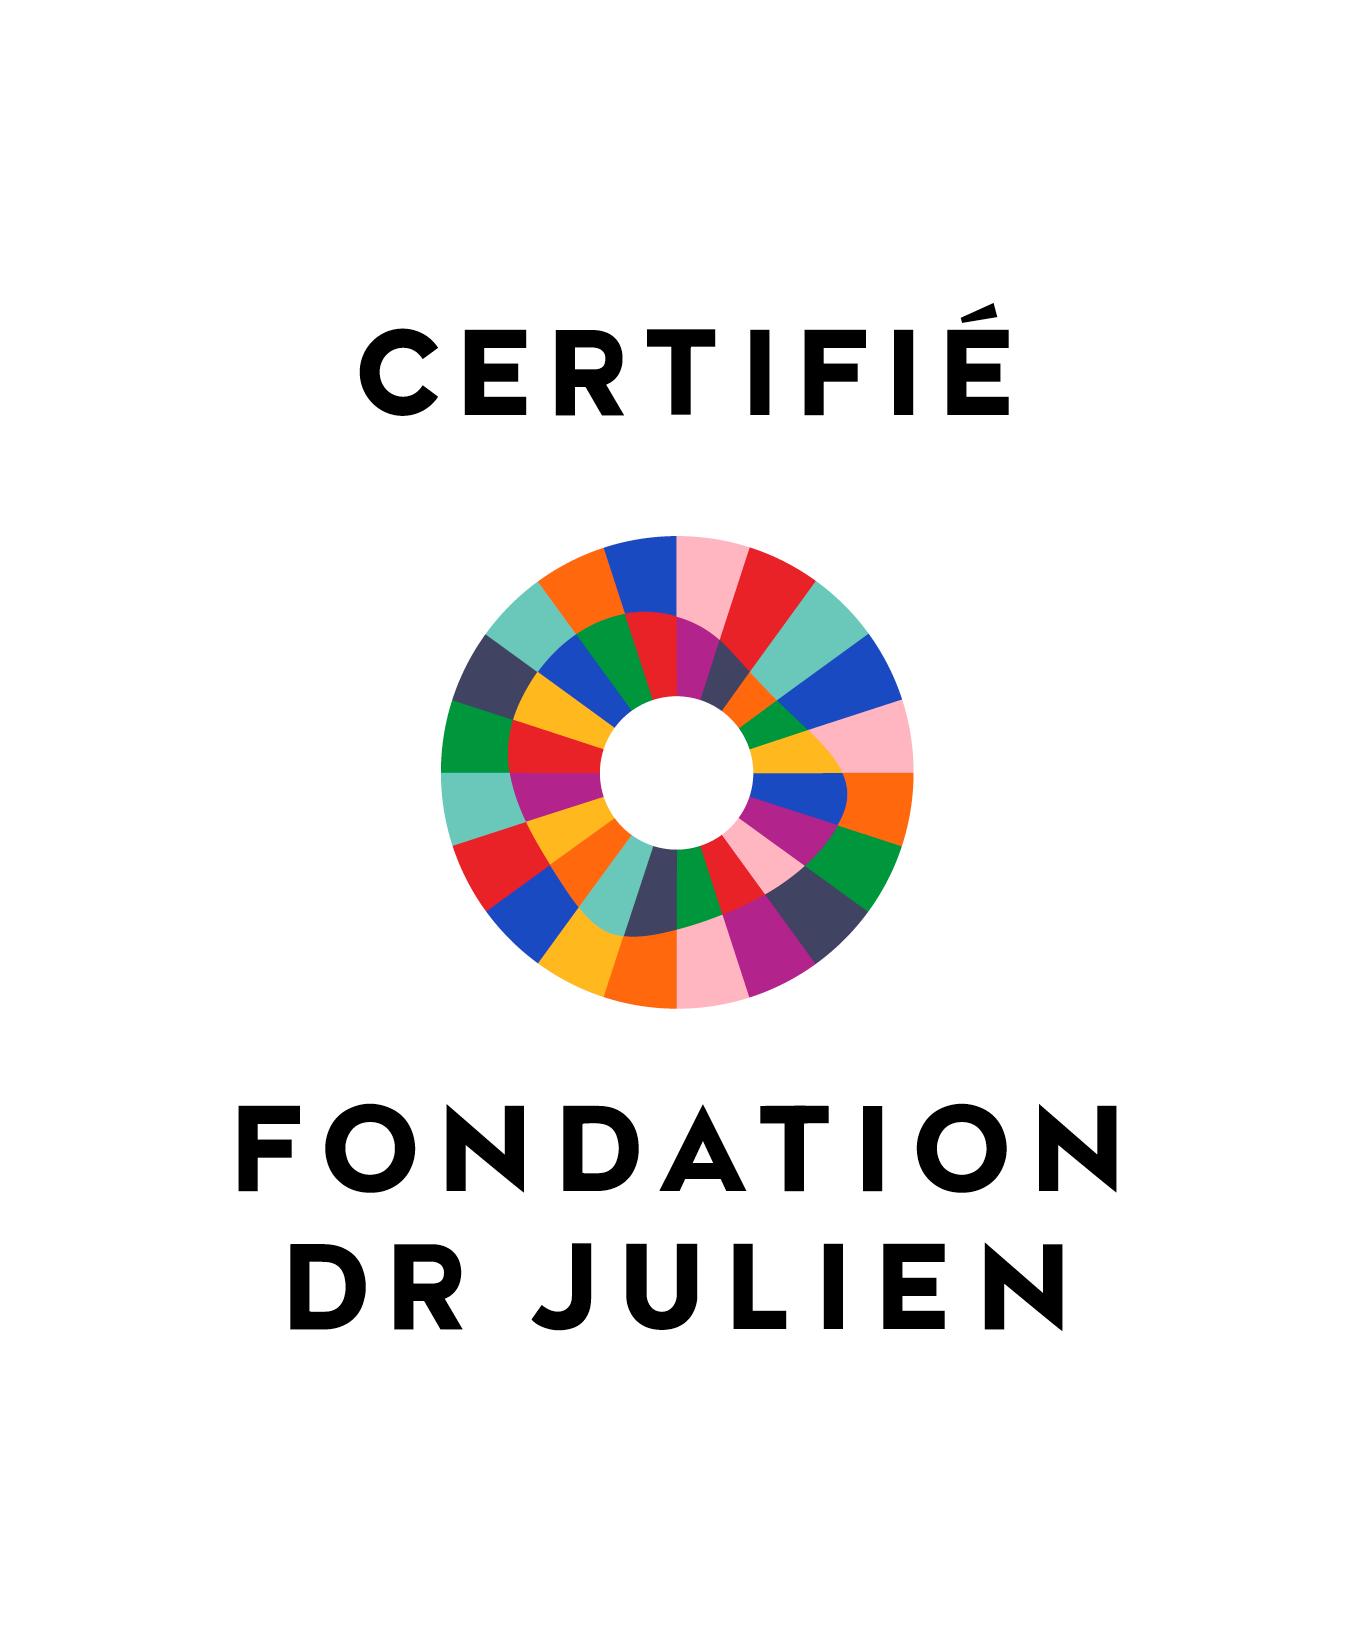 Fondation Dr. Julien